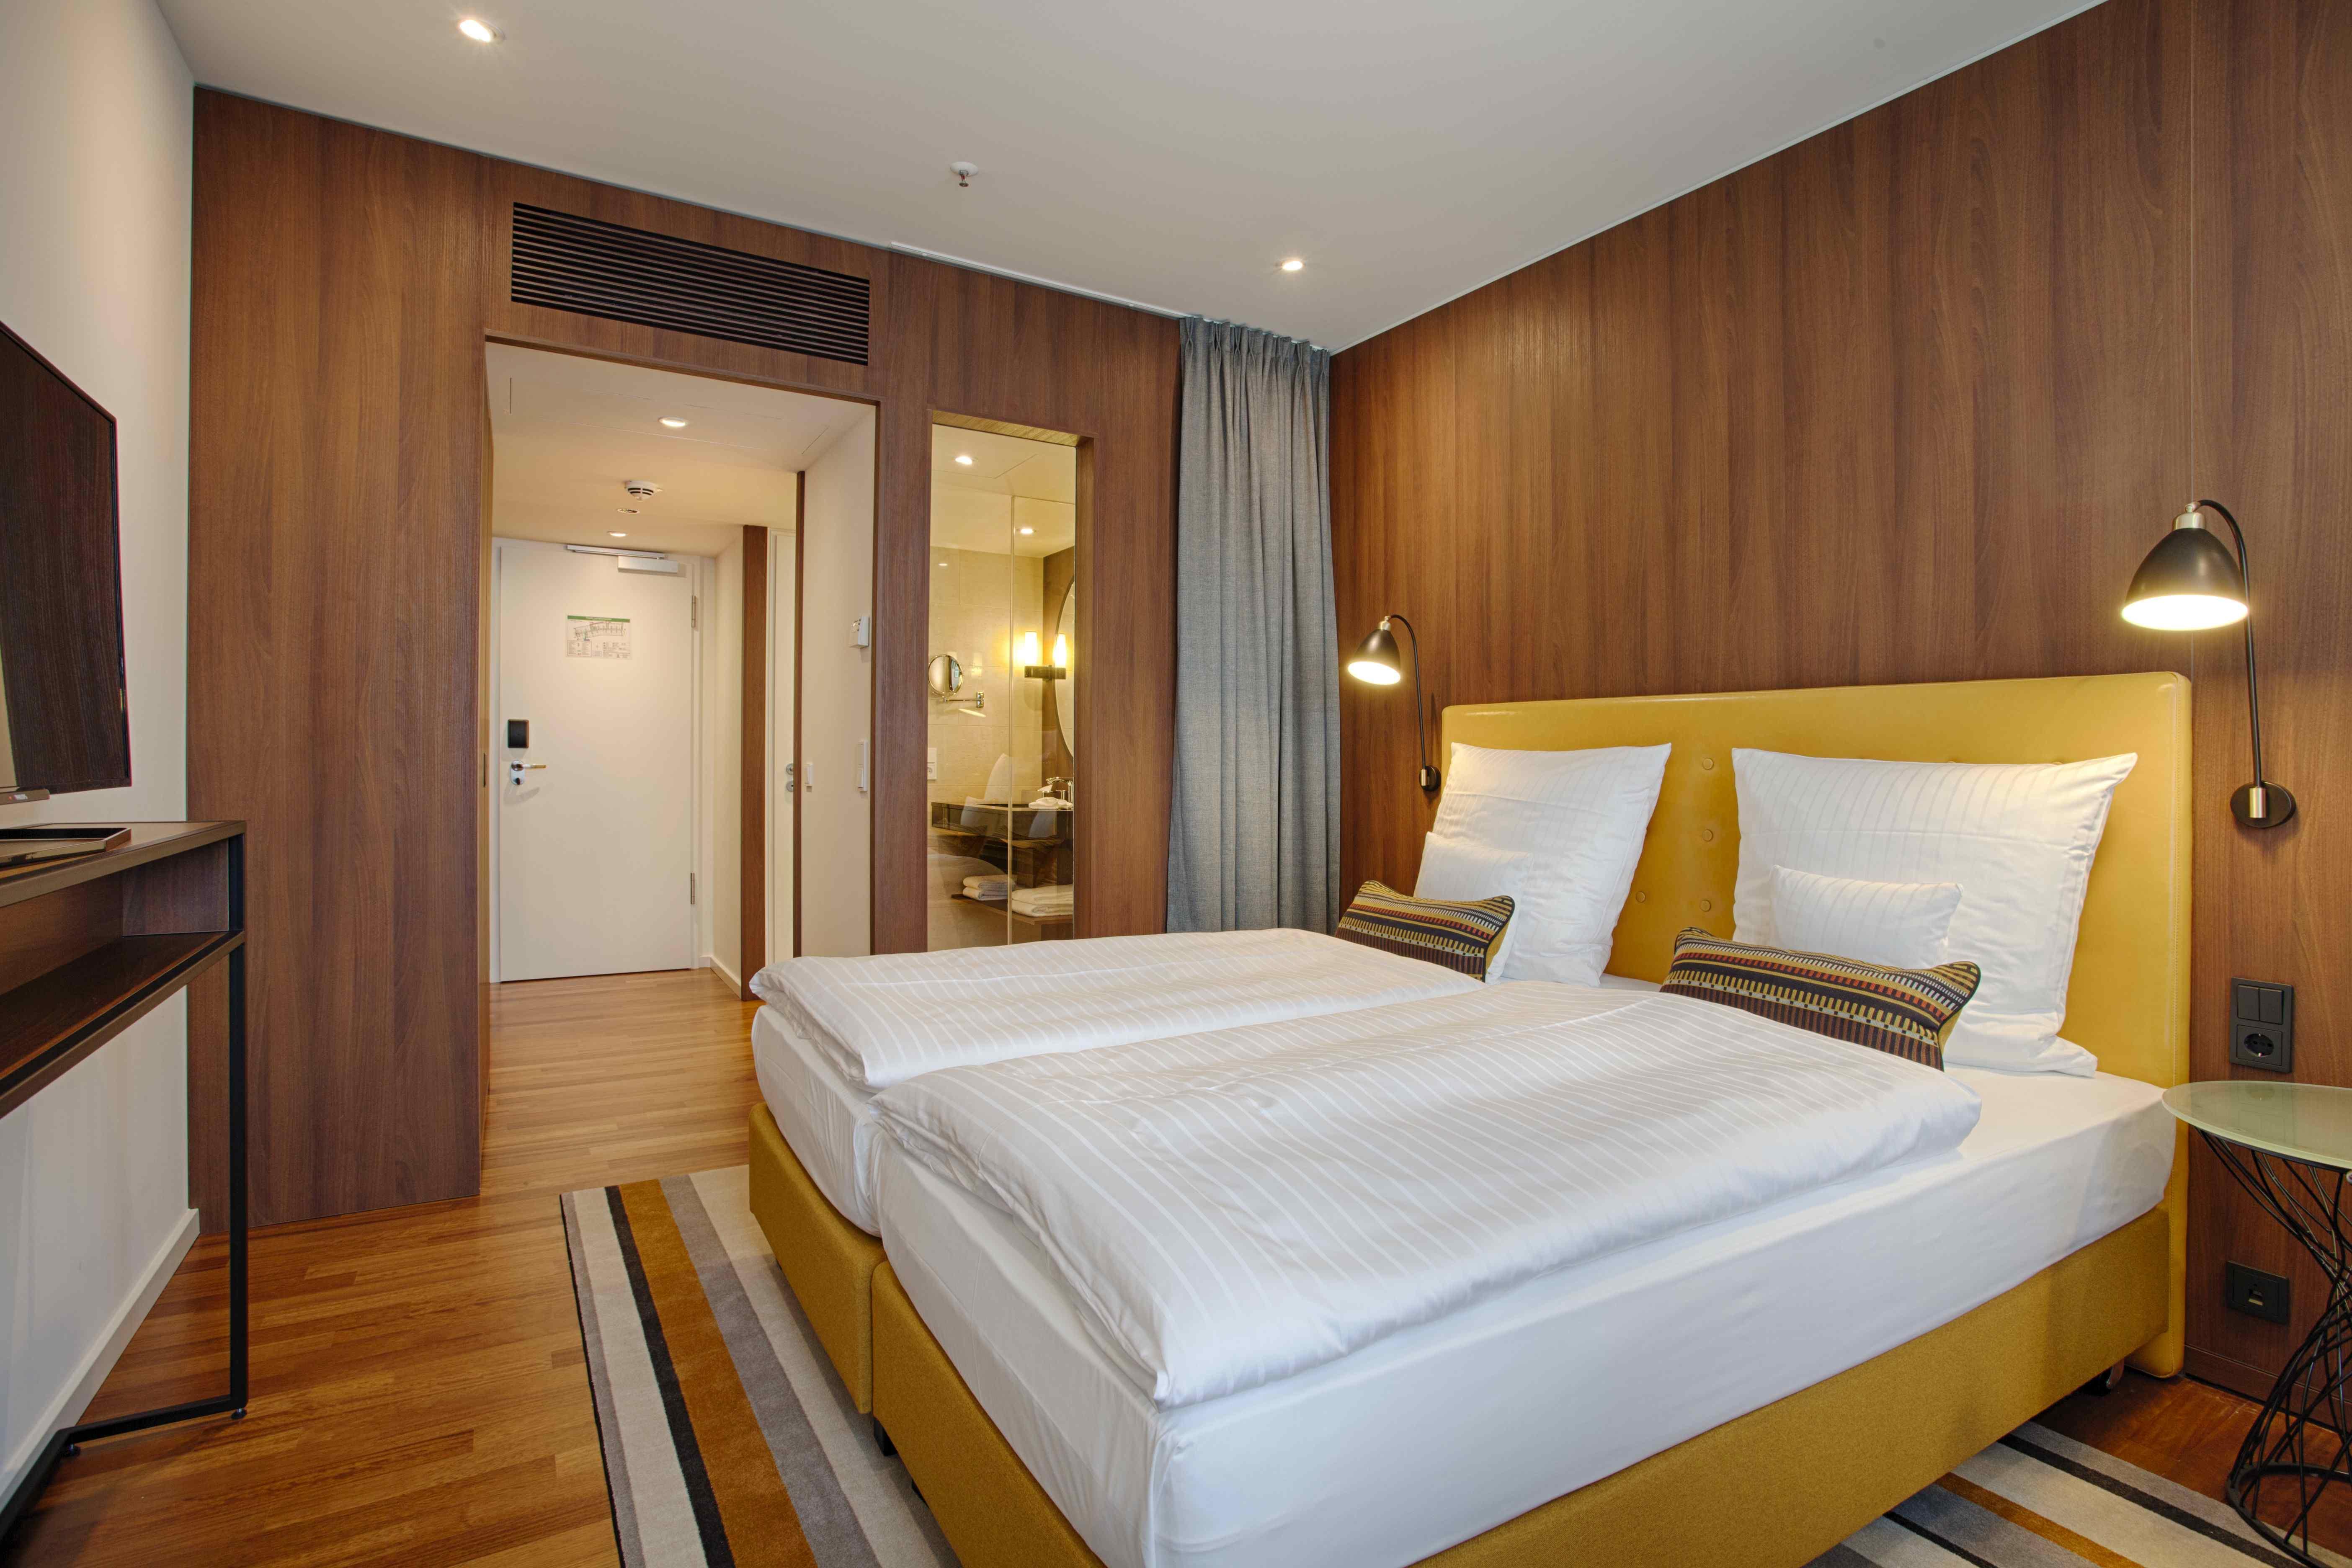 Neueröffnung in Hamburg - das Ameron Hotel Speicherstadt - https ...